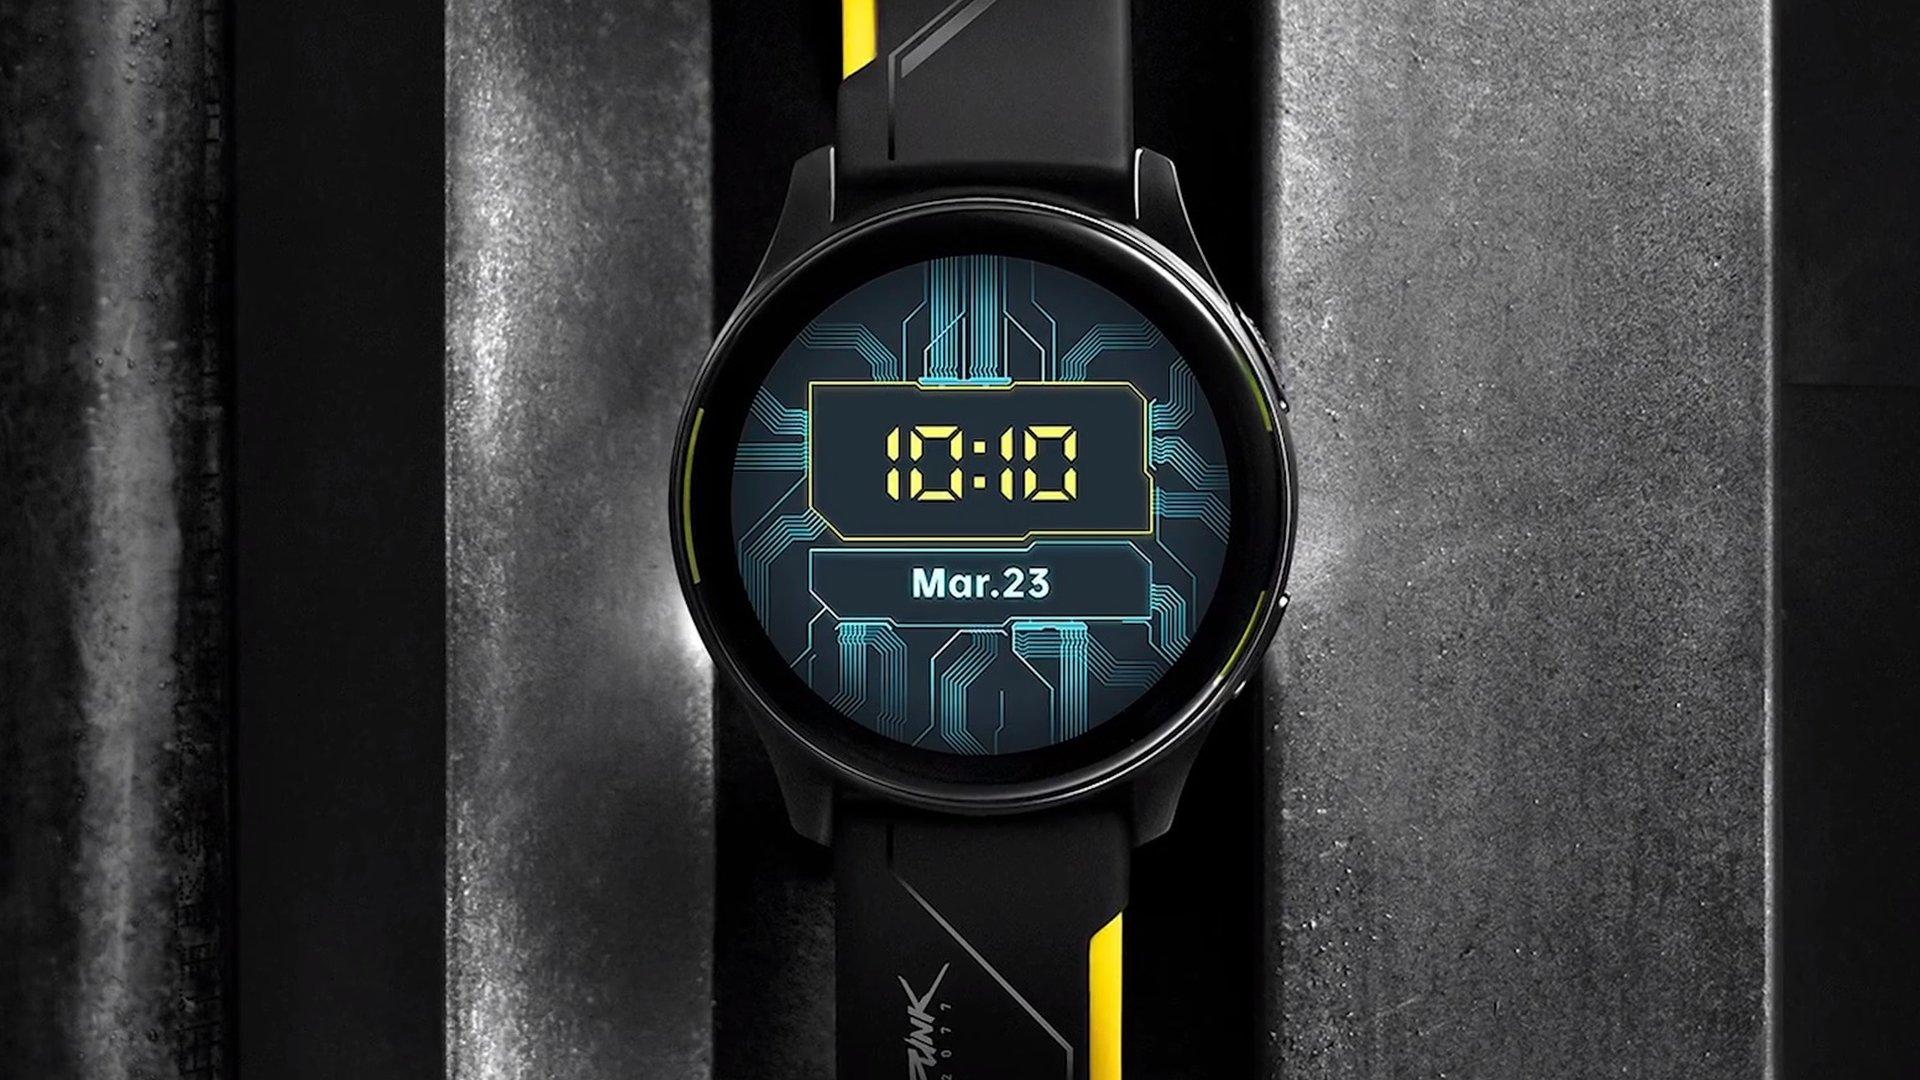 مدل سایبرپانک 2077 ساعت هوشمند وان پلاس واچ در راه است